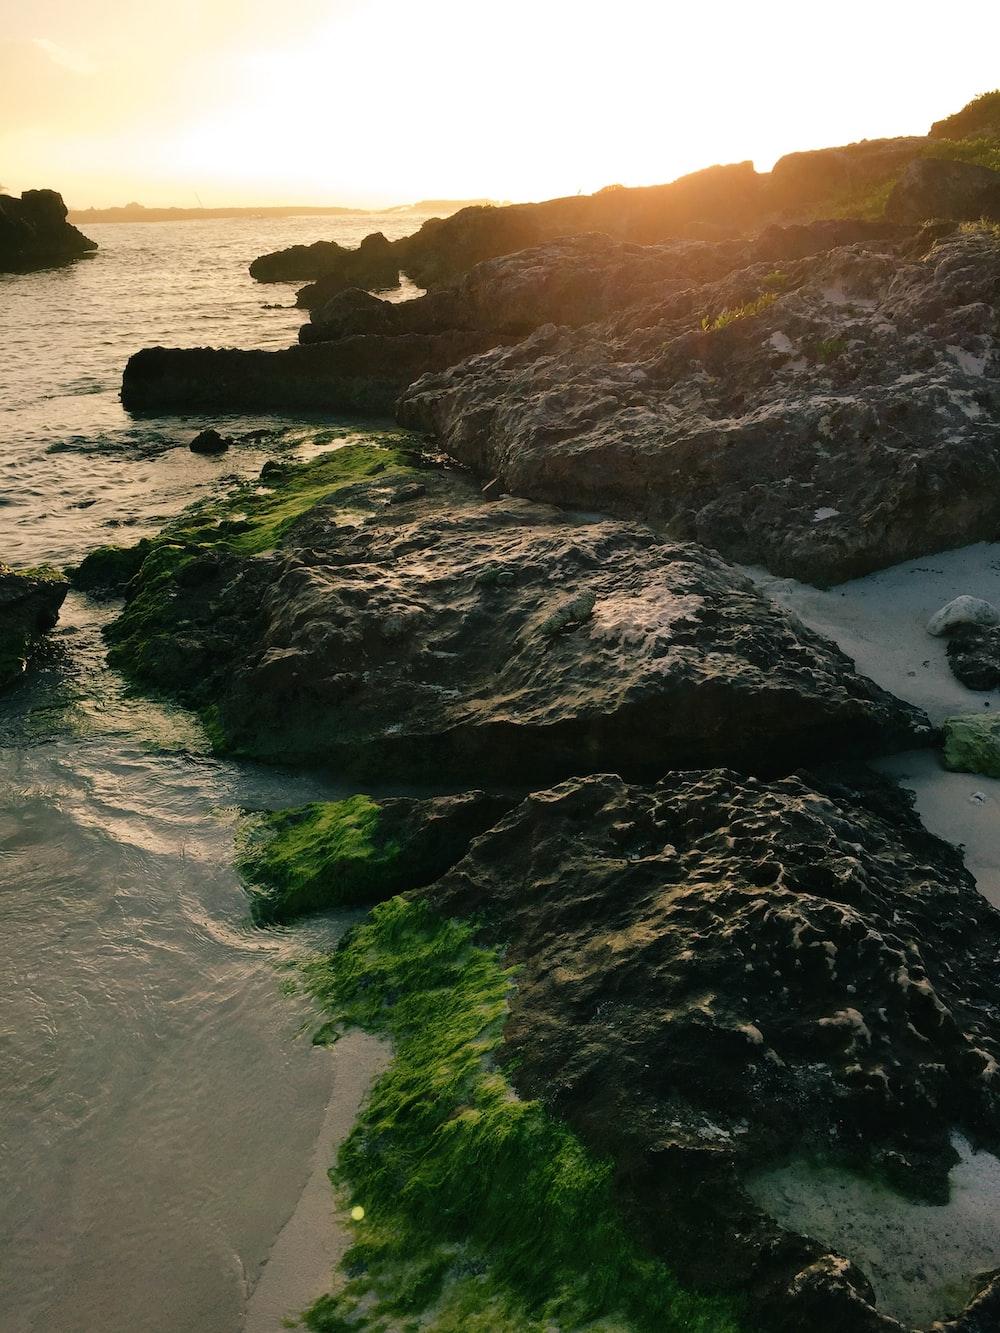 brown rocks beside ocean